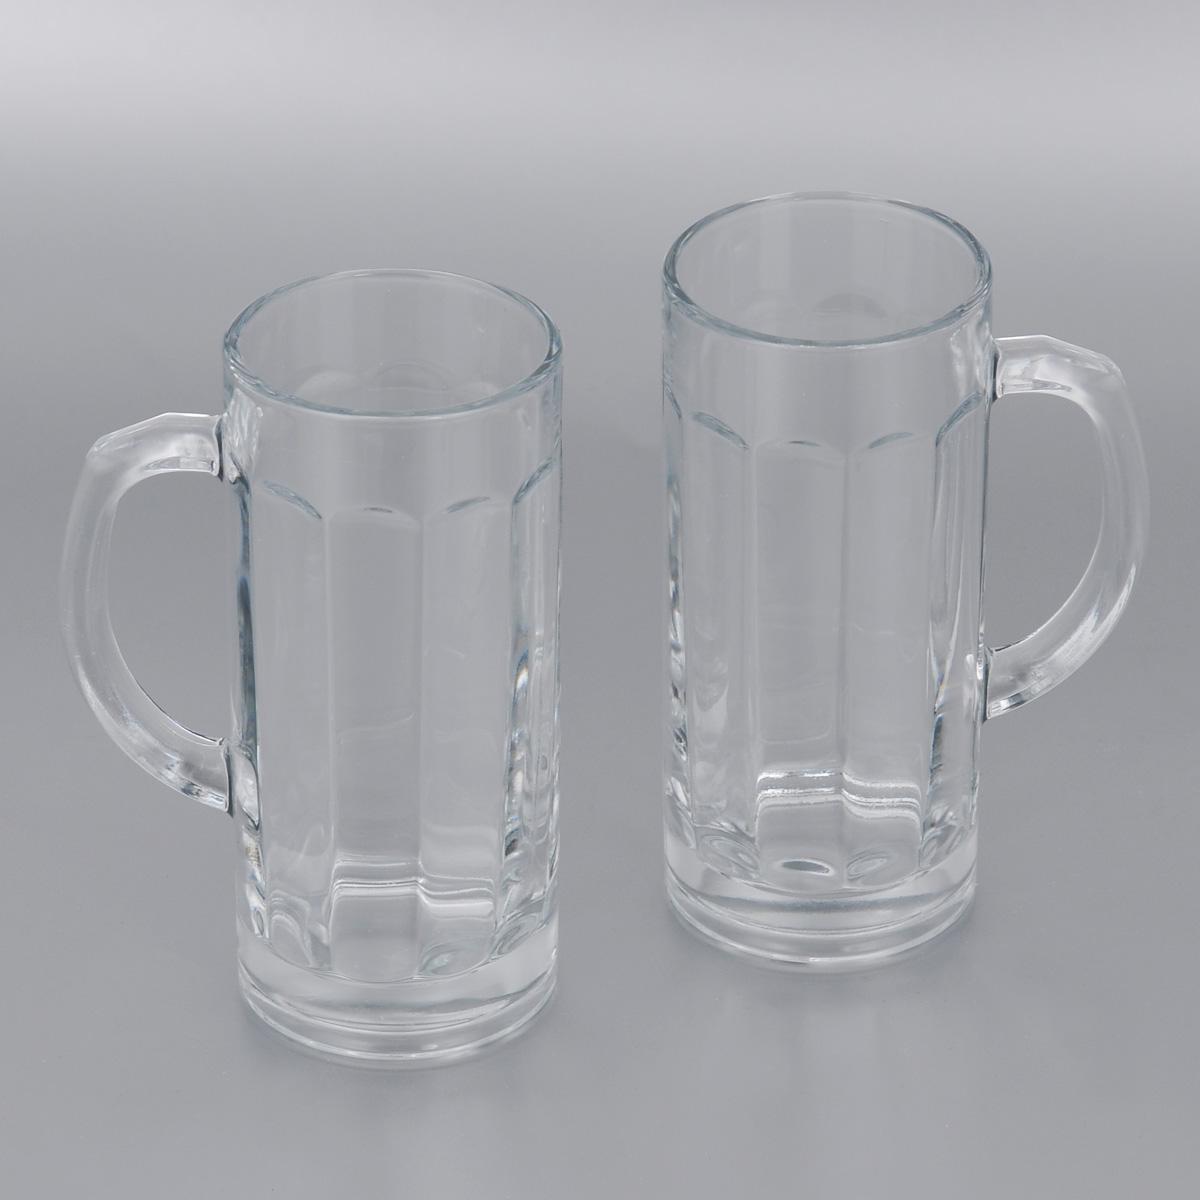 Набор пивных кружек Pasabahce Pub, 380 мл, 2 шт. 55109B55109BНабор Pasabahce Pub состоит из двух пивных кружек, выполненных из прочного натрий-кальций-силикатного стекла. Внутри изделия оснащены рельефной многогранной поверхностью. Кружки оснащены удобными ручками и утолщенным дном. Такой набор прекрасно подойдет для любителей пенного напитка. Можно мыть в посудомоечной машине и использовать в микроволновой печи. Высота кружки: 16,5 см. Диаметр кружки (по верхнему краю): 7 см. 380 мл